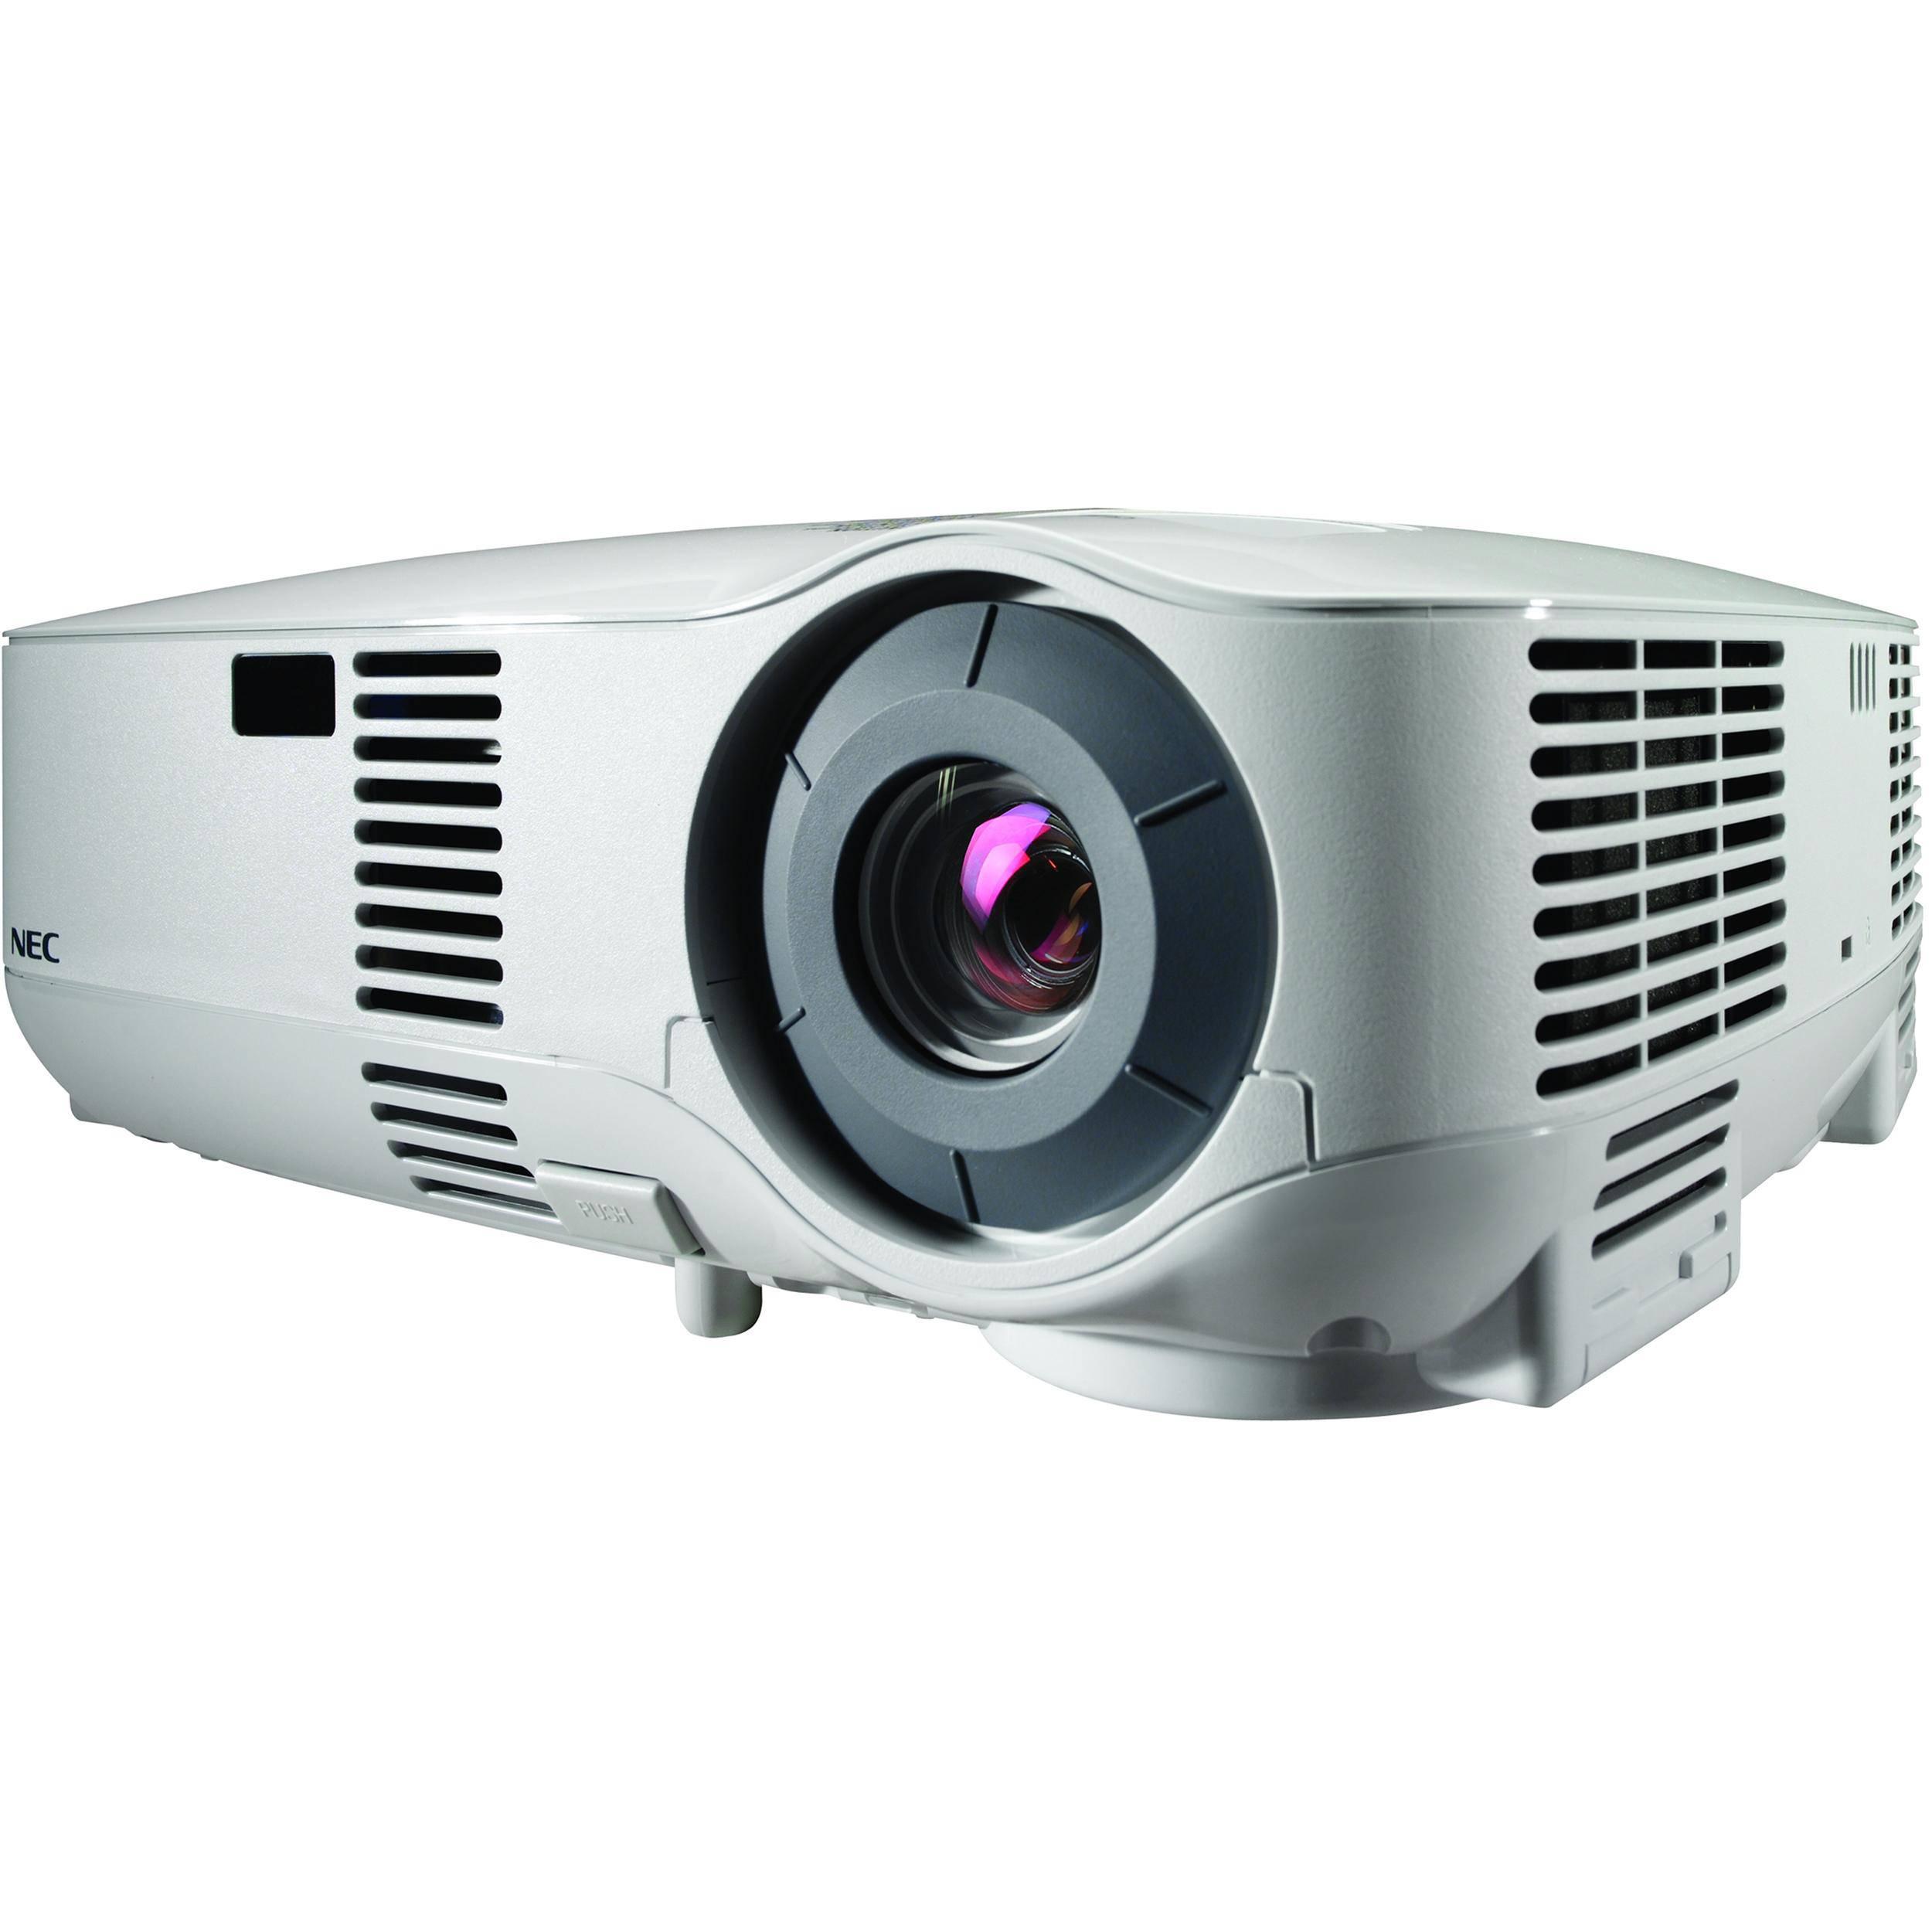 nec mitsubishi vt700 lcd multimedia projector vt700 b h photo rh bhphotovideo com NEC VT700 Reset VT700C Specs